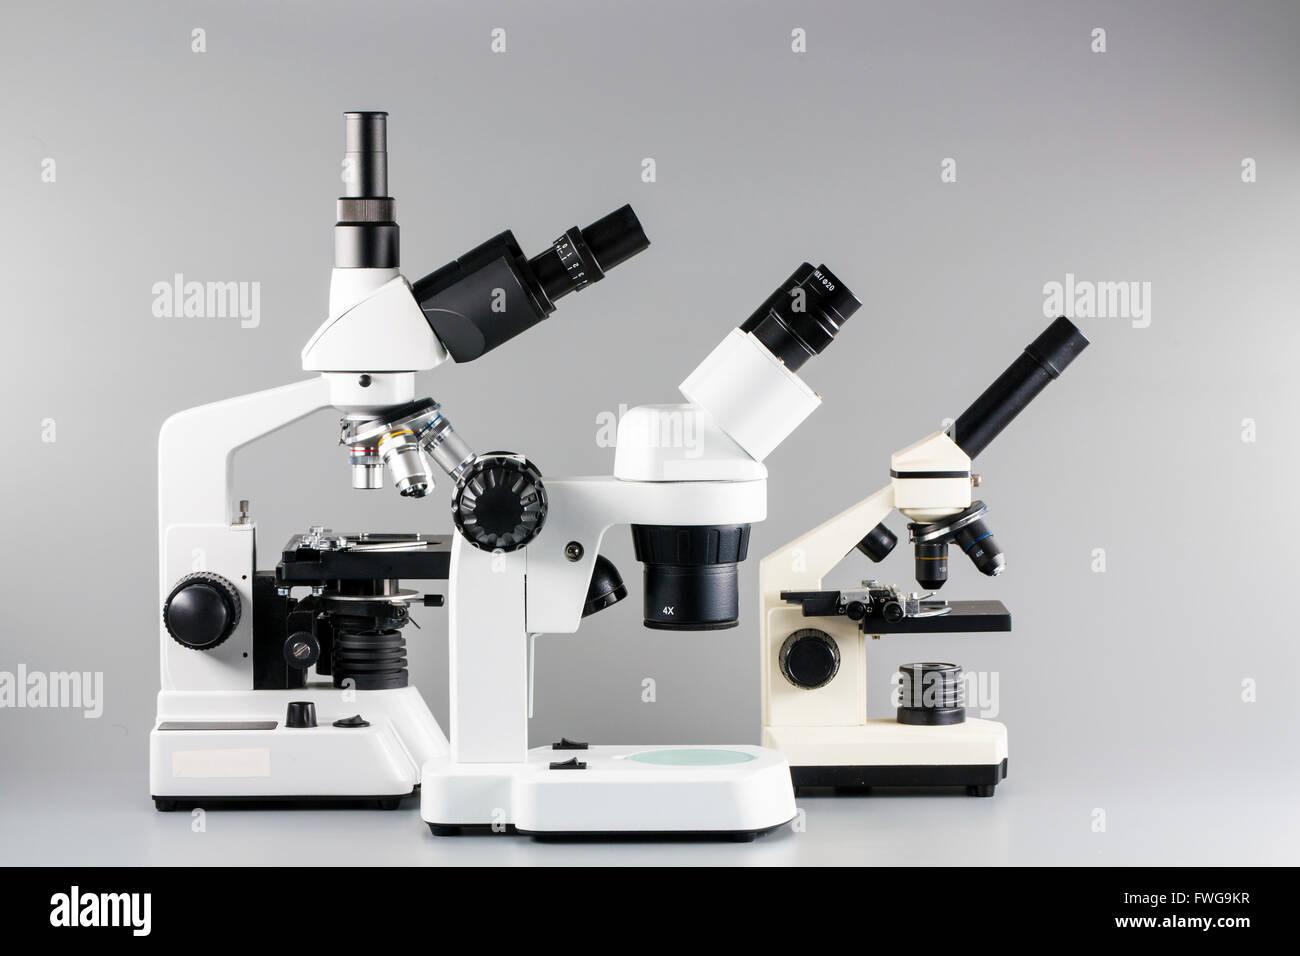 Monokular fernglas und trinocular mikroskope vor einem grauen